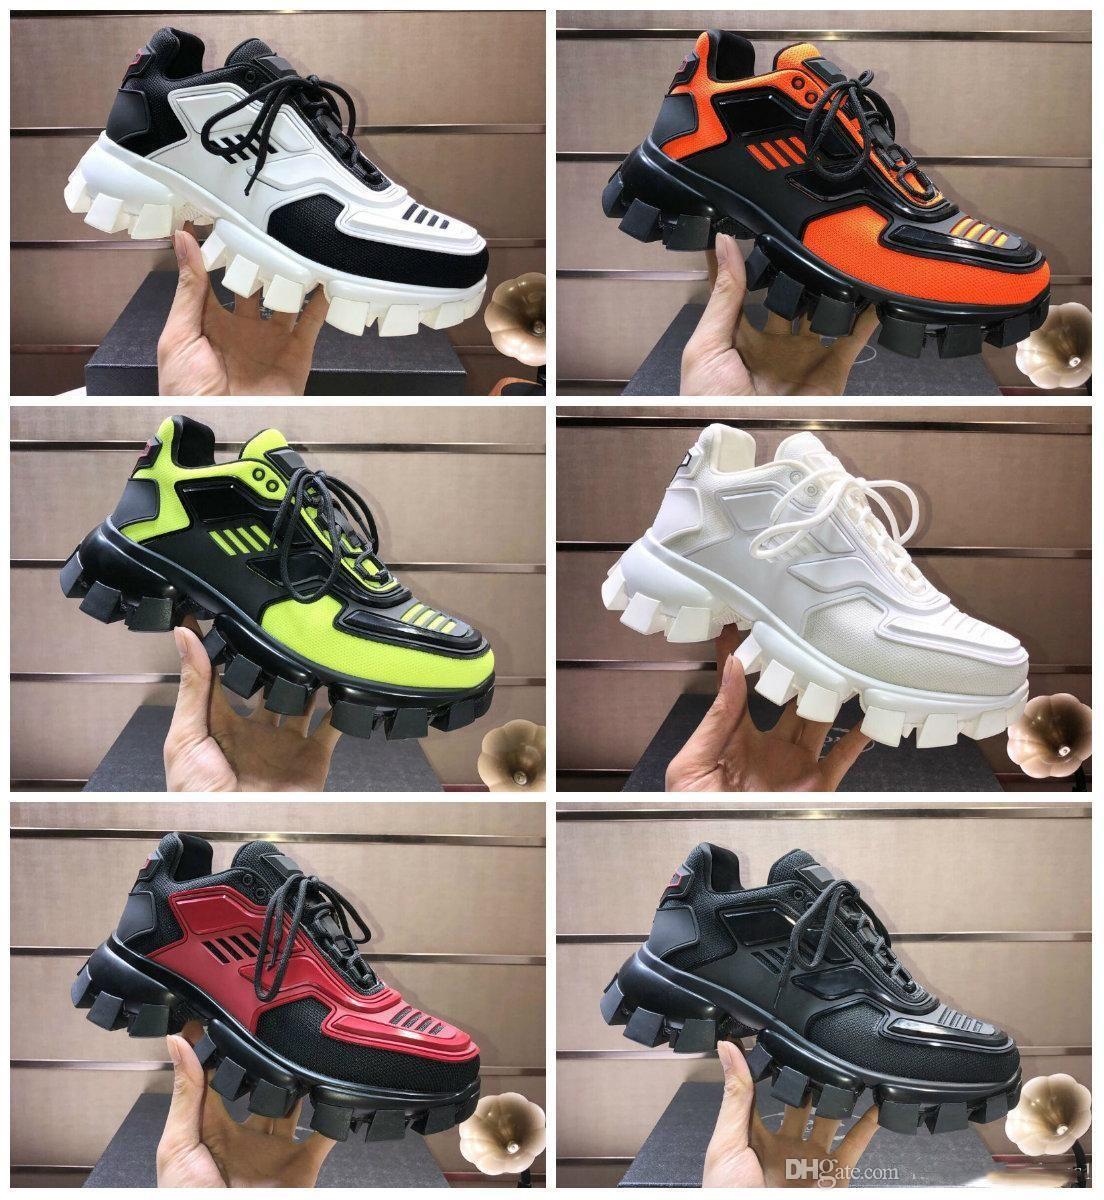 2019 новые hococal бесплатная доставка кроссовки классические мужские роскошь дизайнер повседневная обувь мужская повседневная обувь ткань резиновые кроссовки открытый обувь